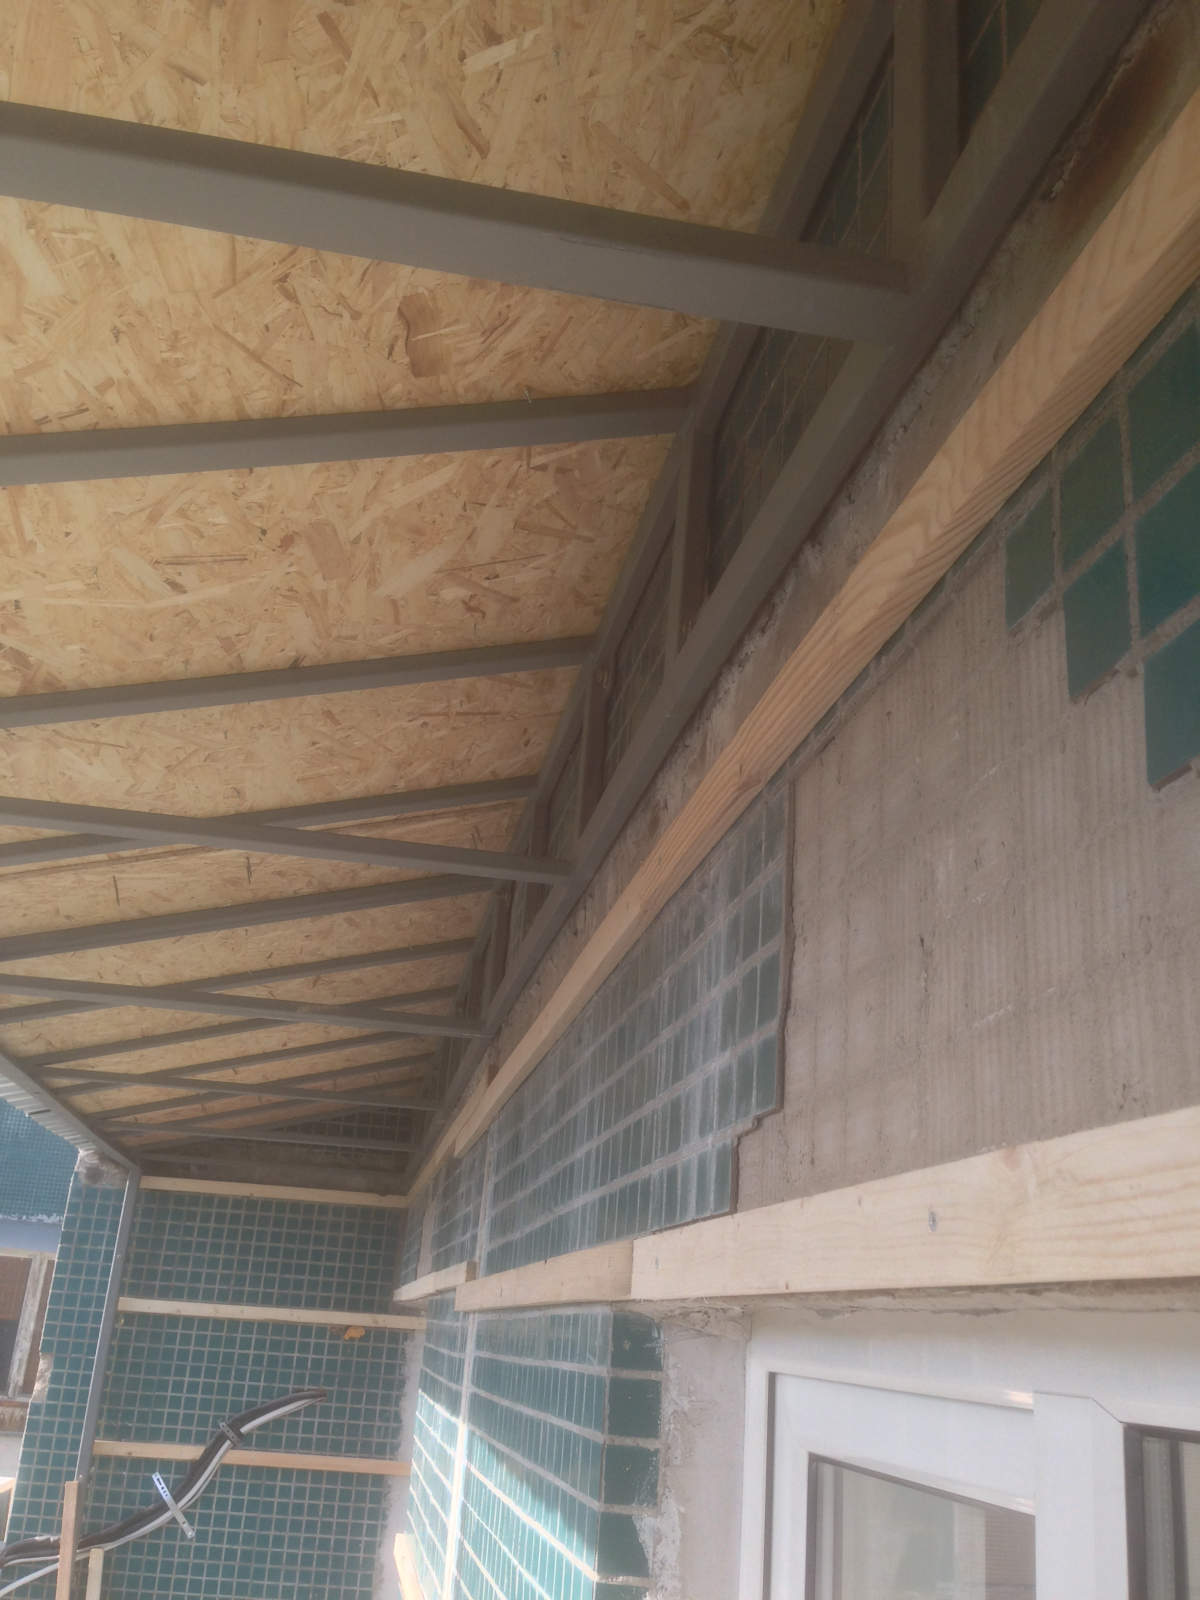 Установка и монтаж крыши над балконом (лоджией) последнего э.